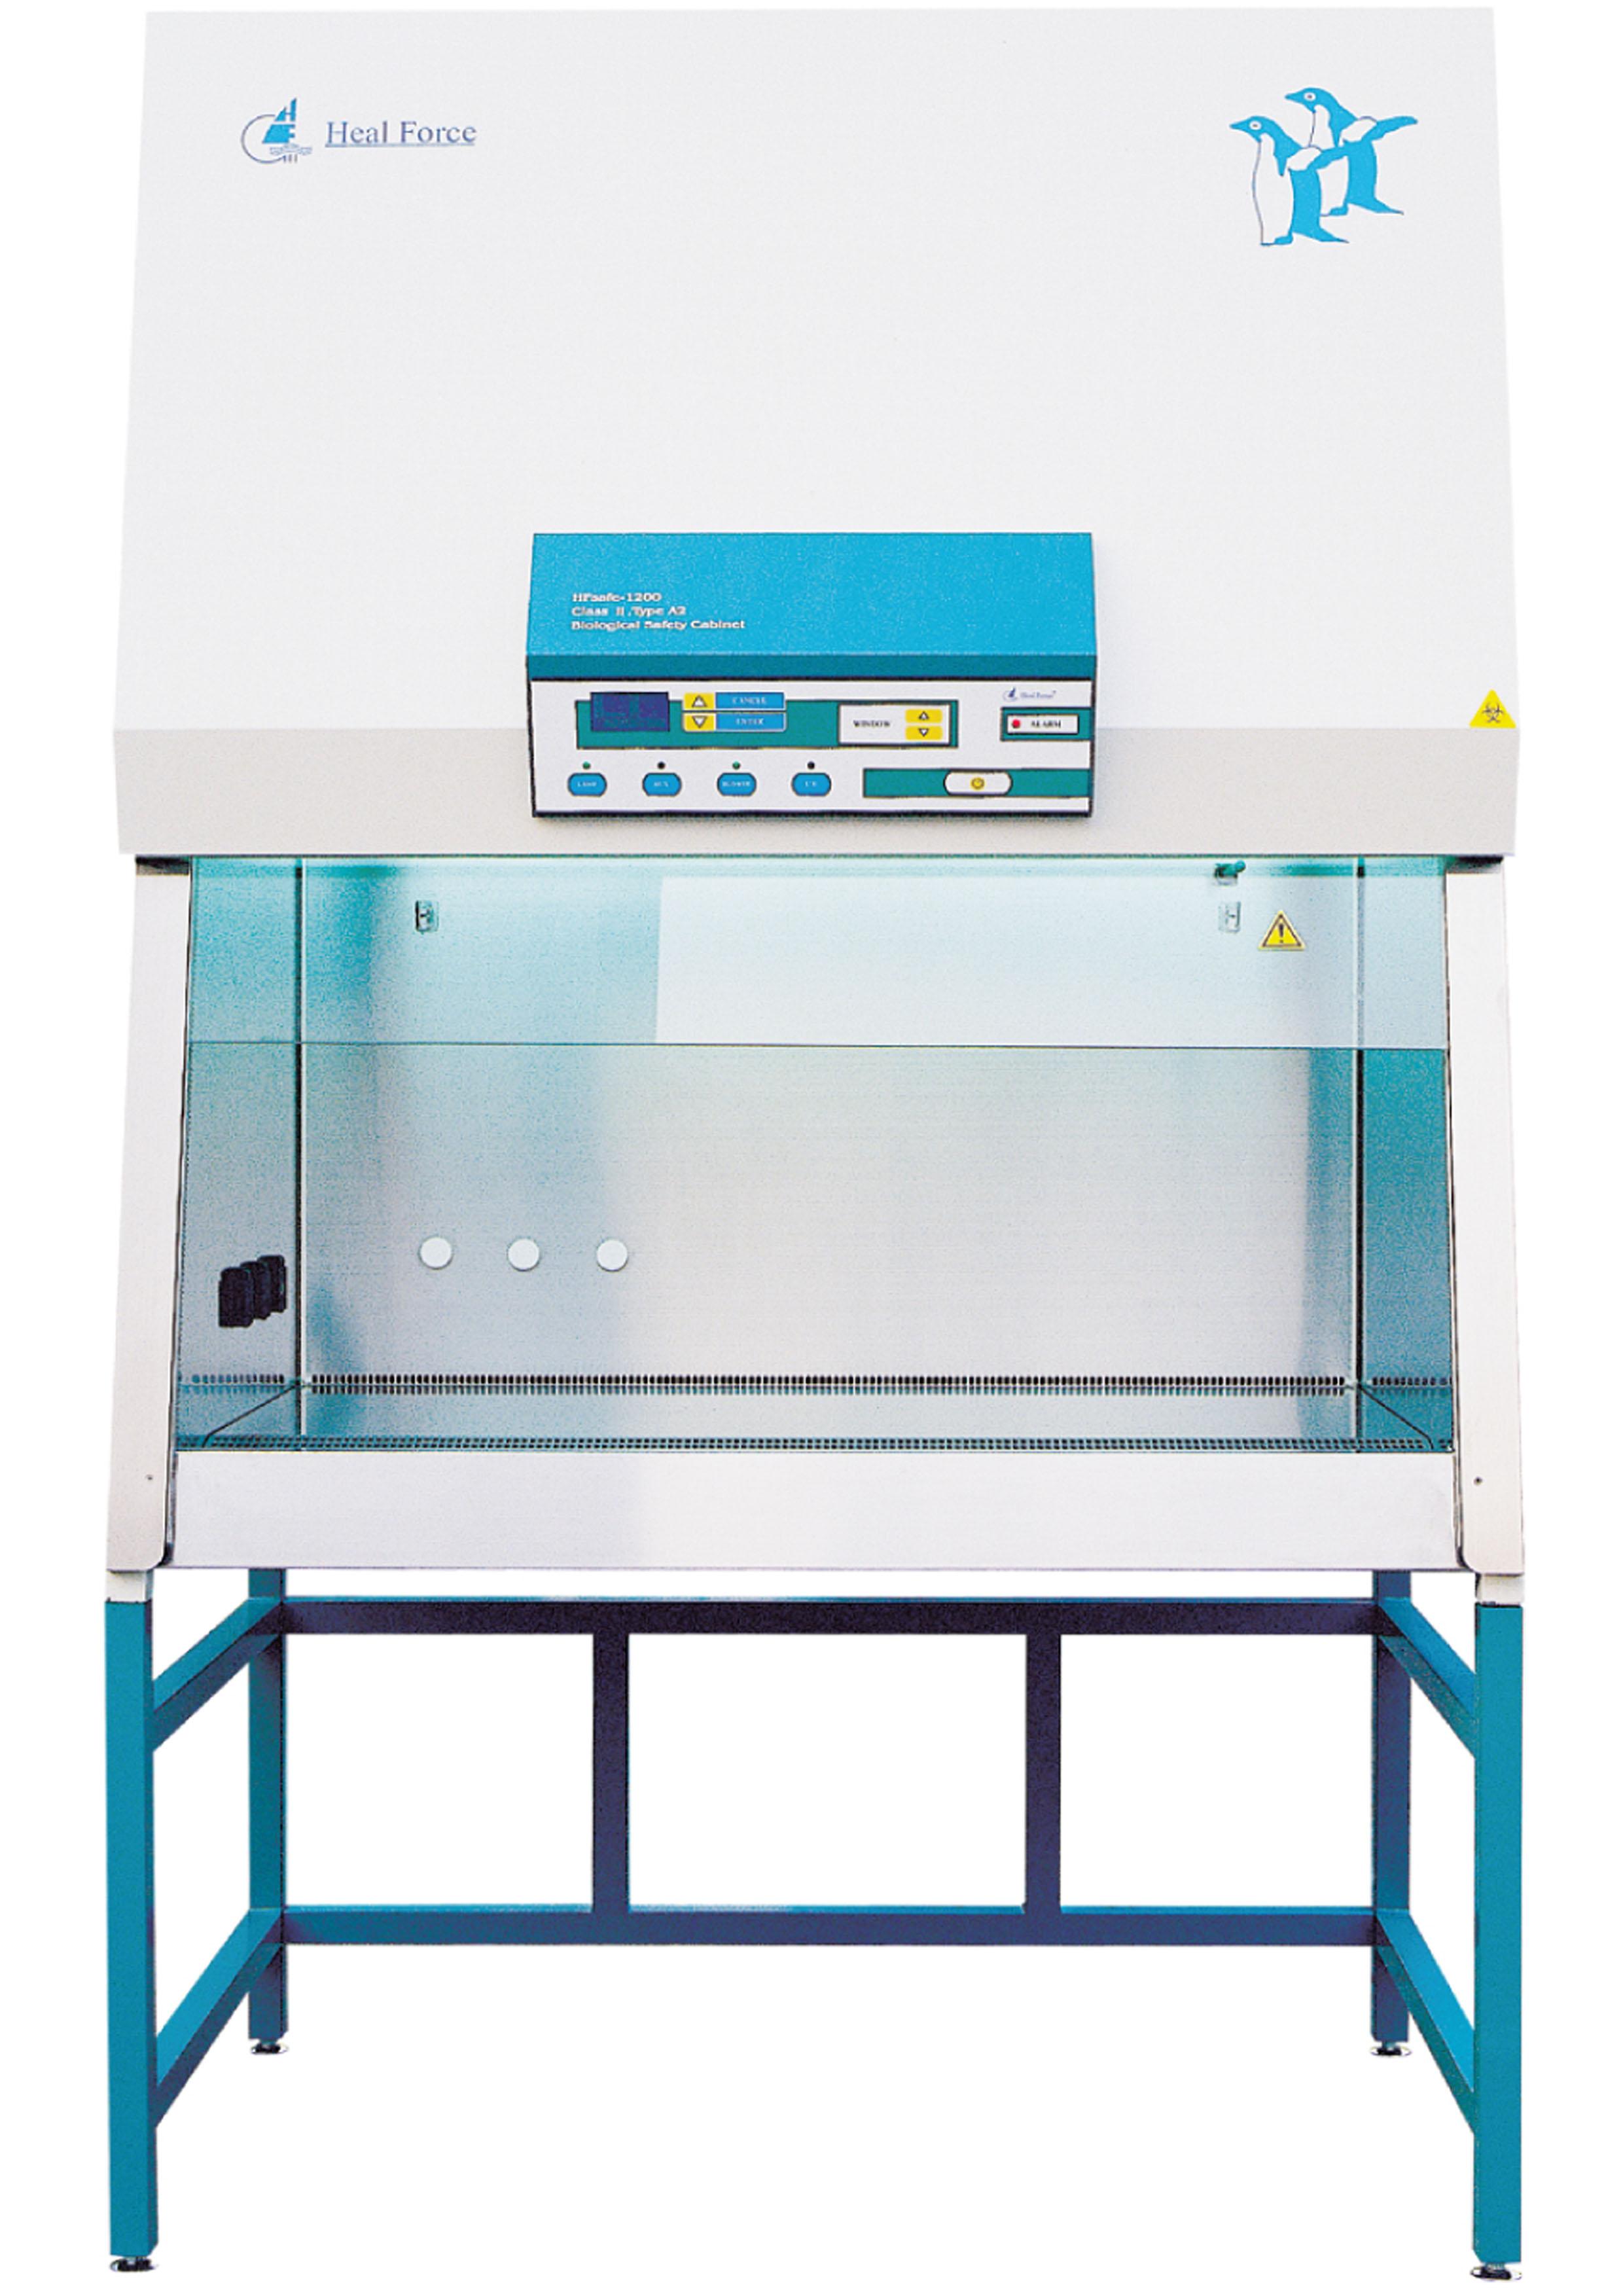 生物安全柜 HF 1500 A2